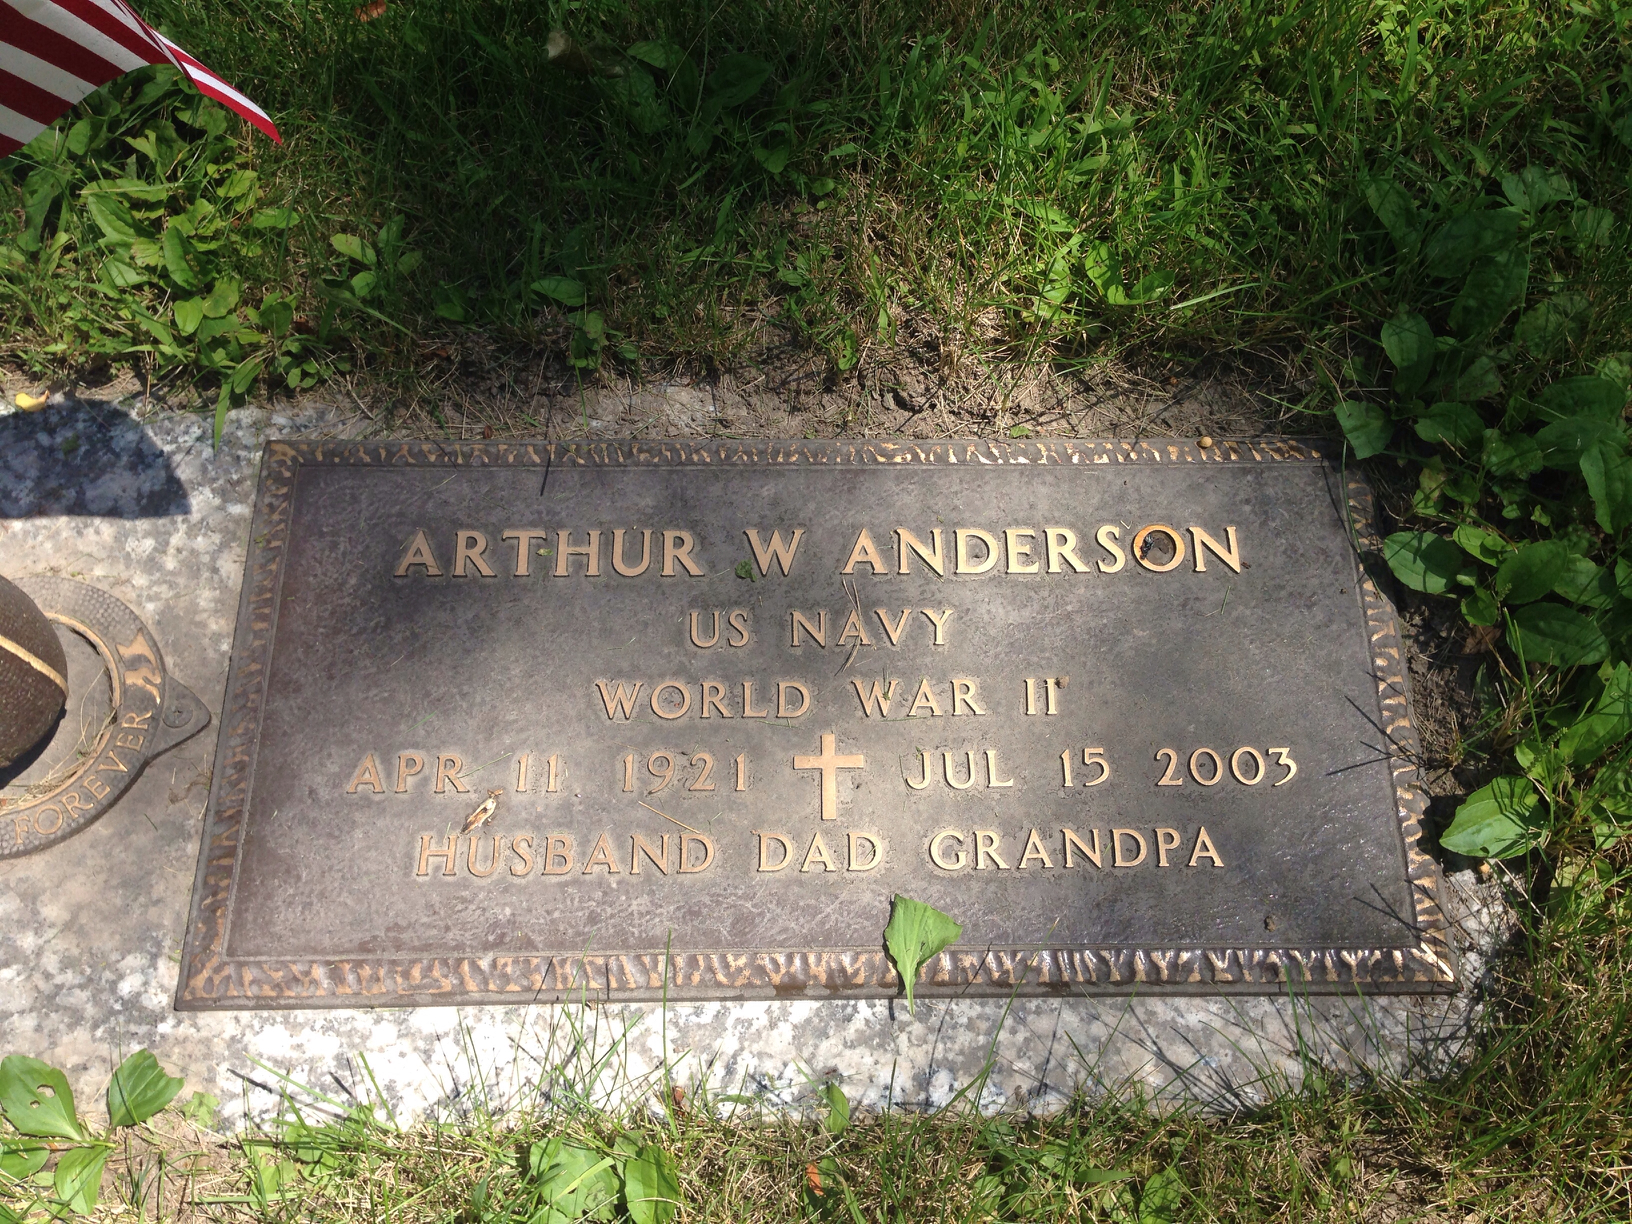 Arthur W. Anderson